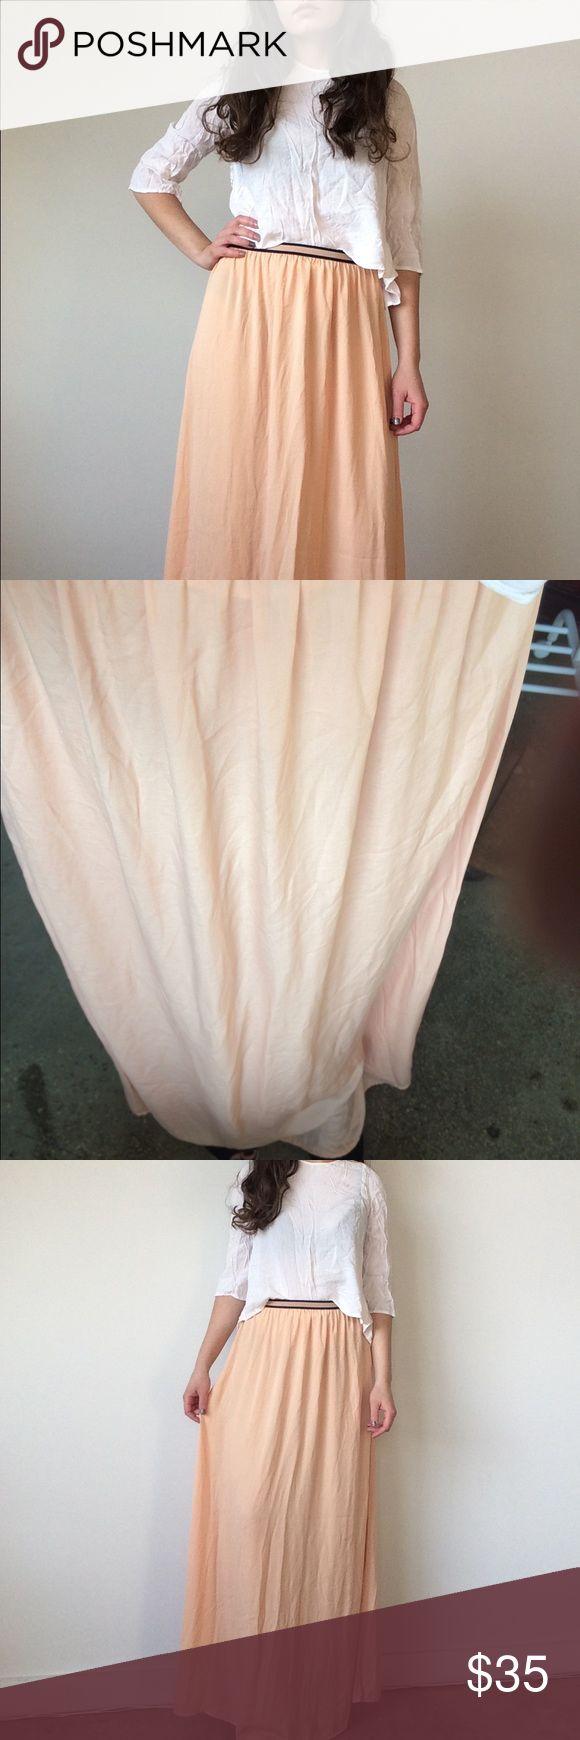 Zara maxi dress Cute peach maxi dress. Very light, great for summer time. Never worn Zara Skirts Maxi